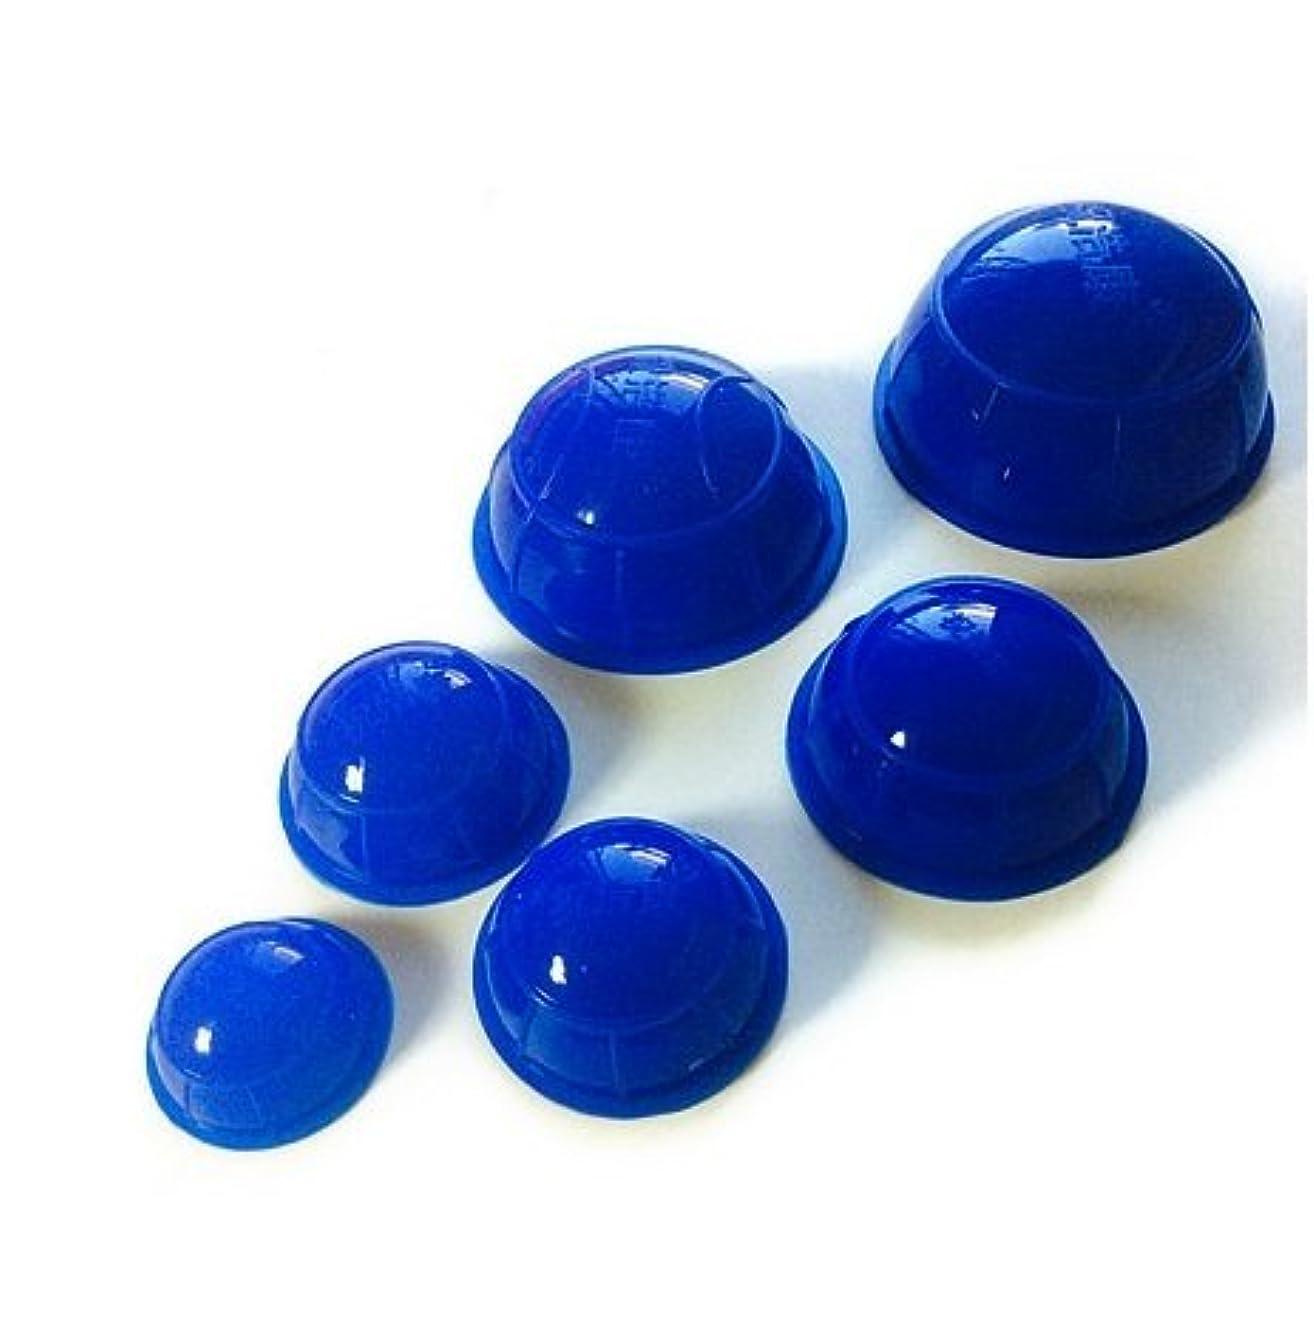 掃く先祖隣接簡易 吸い玉6個セット ブルー 大中小5種類の大きさ